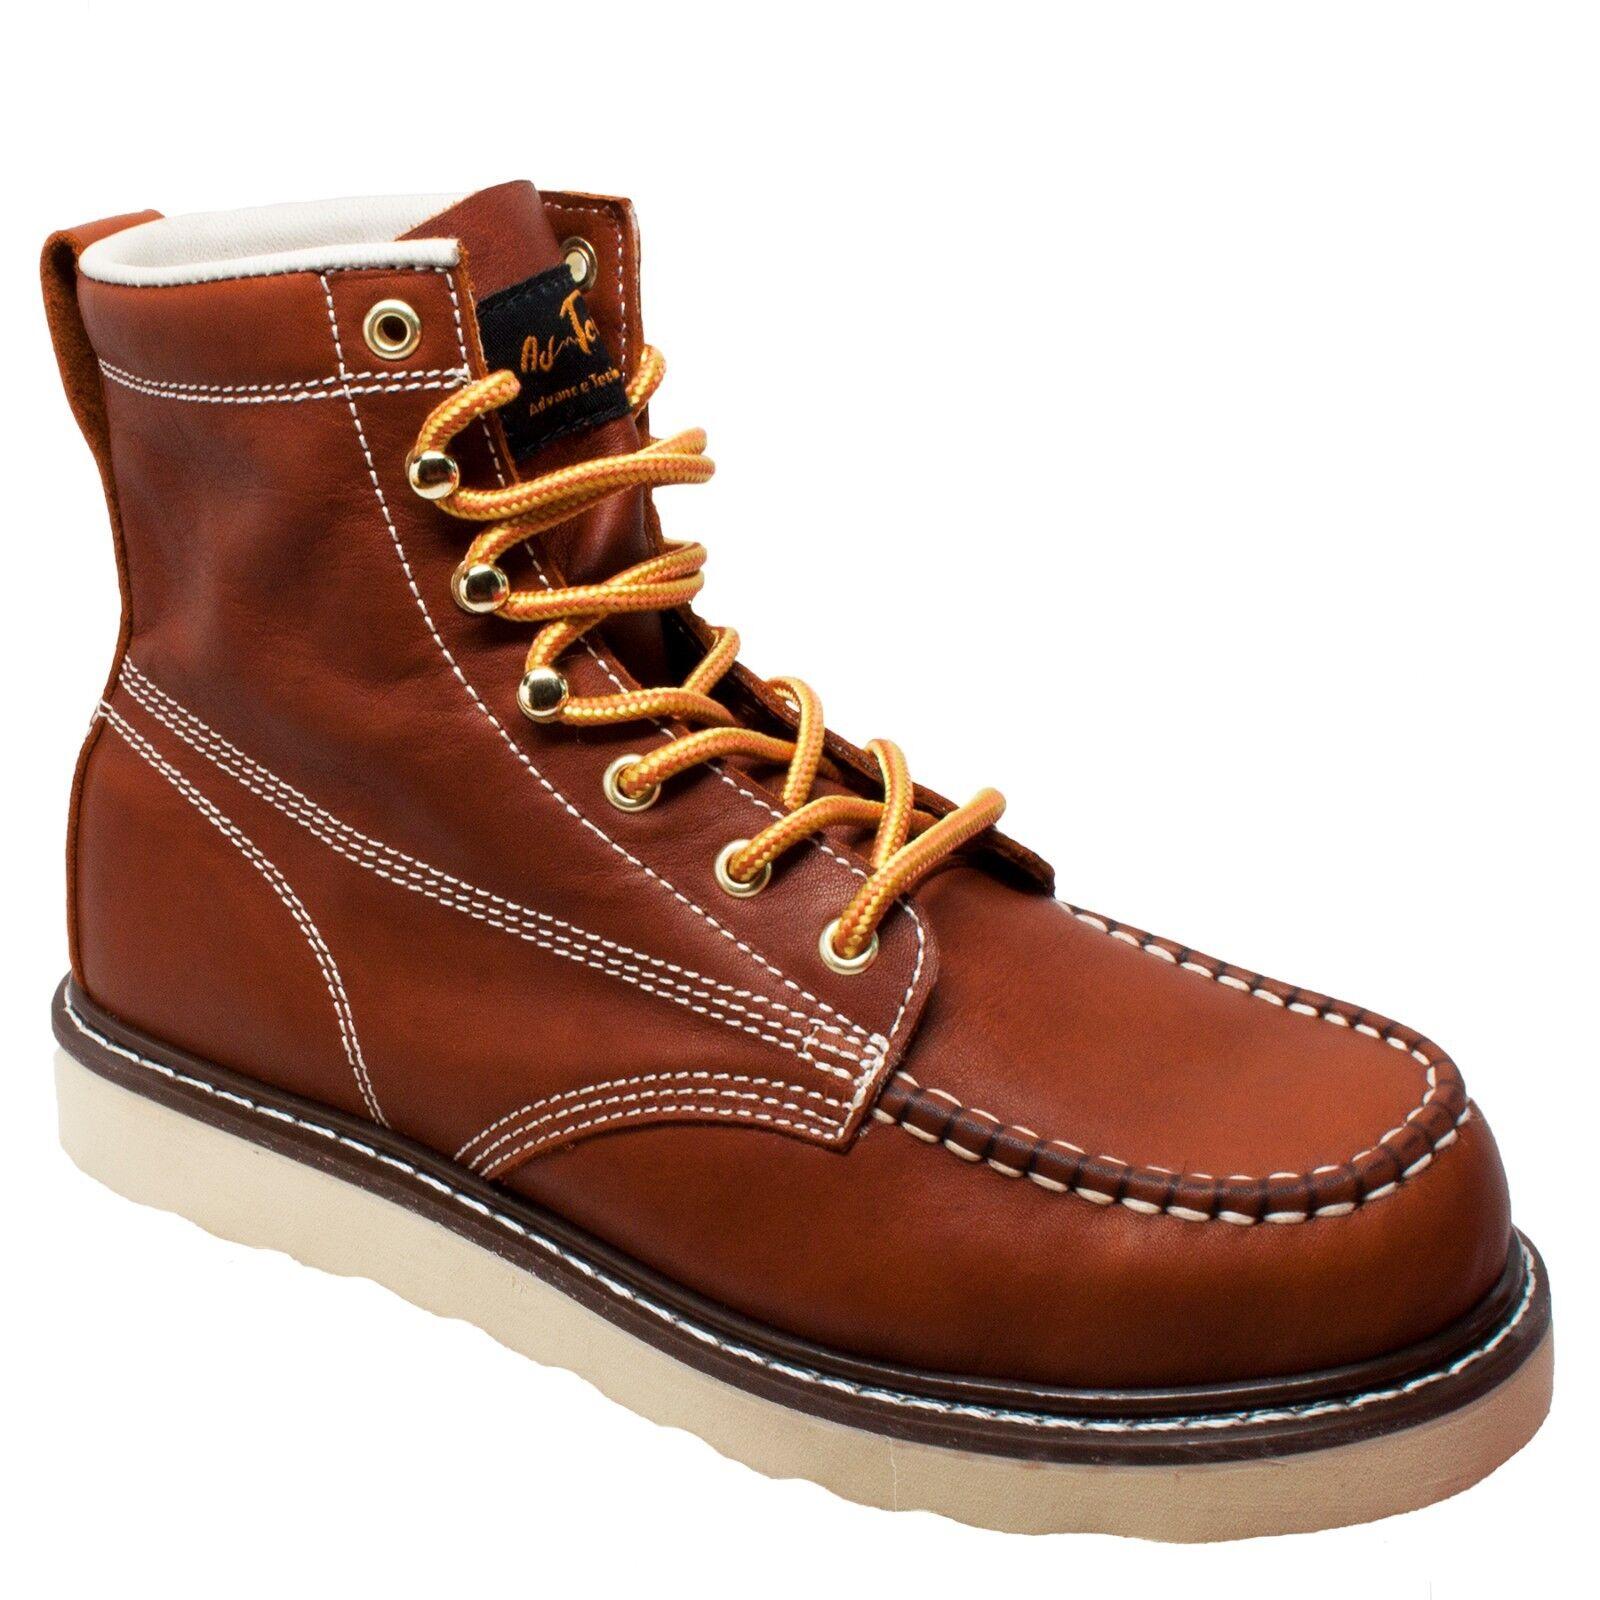 9238 L adtec, para hombres 6  Moc Toe botas De Trabajo De Cuero